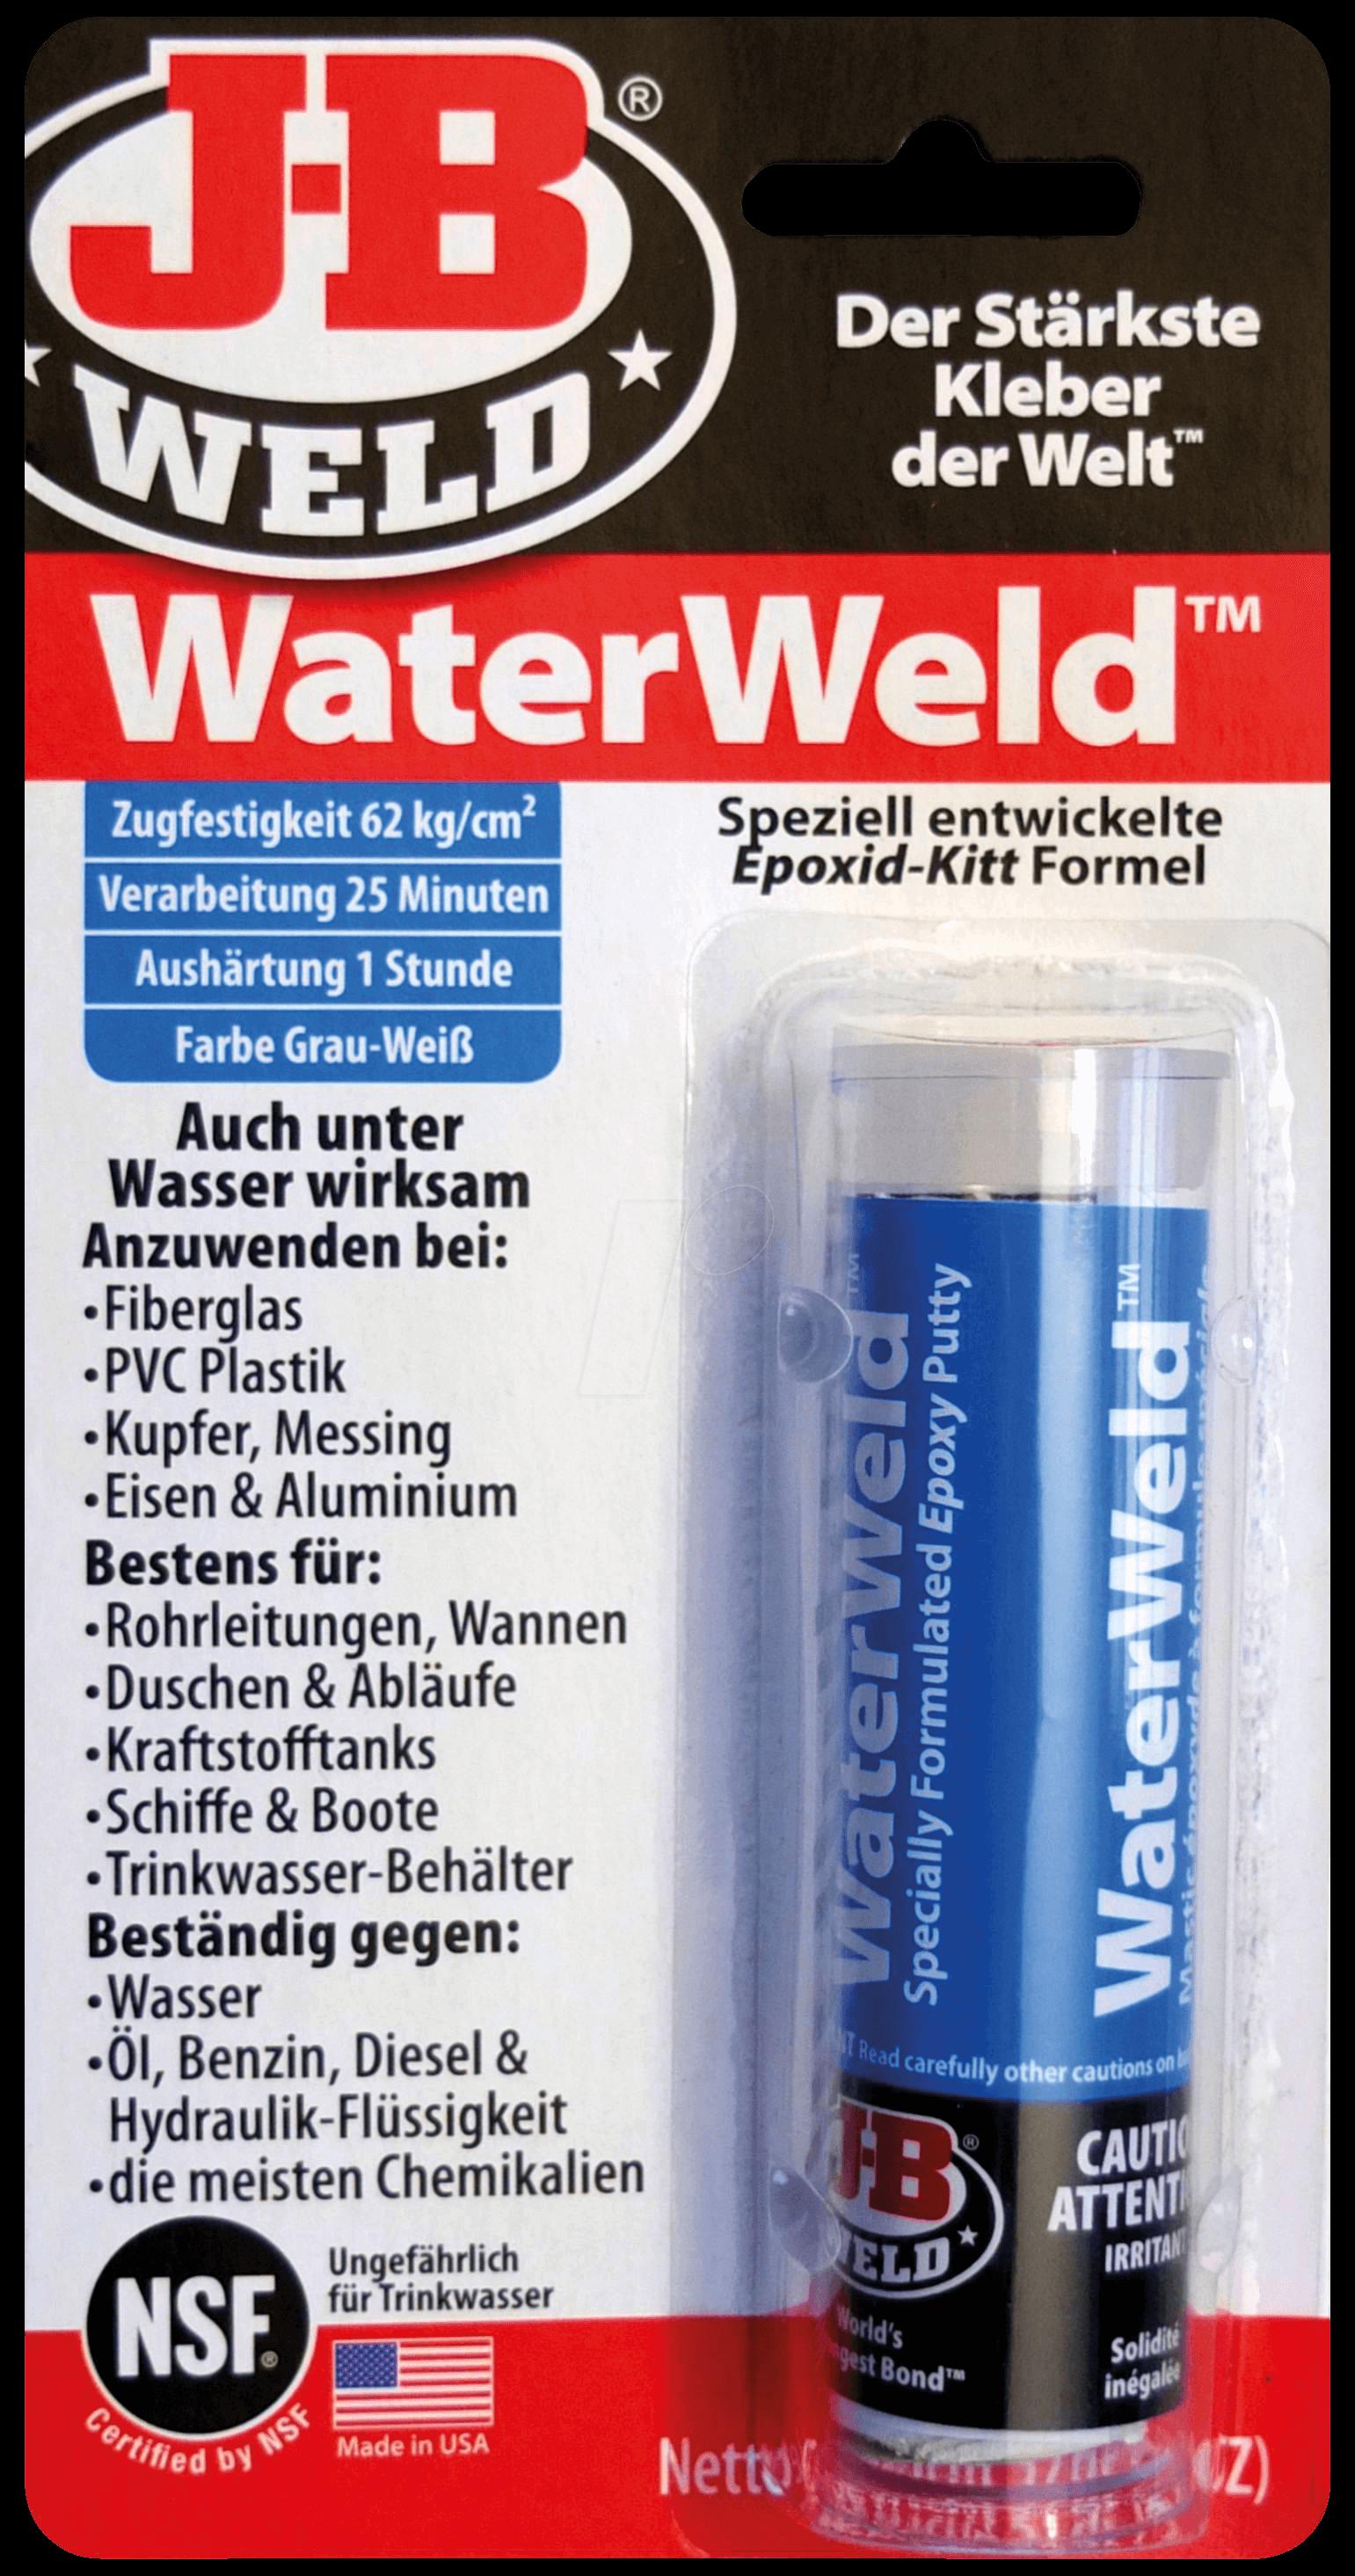 https://cdn-reichelt.de/bilder/web/xxl_ws/D800/JB_WATER_WELD_10.png